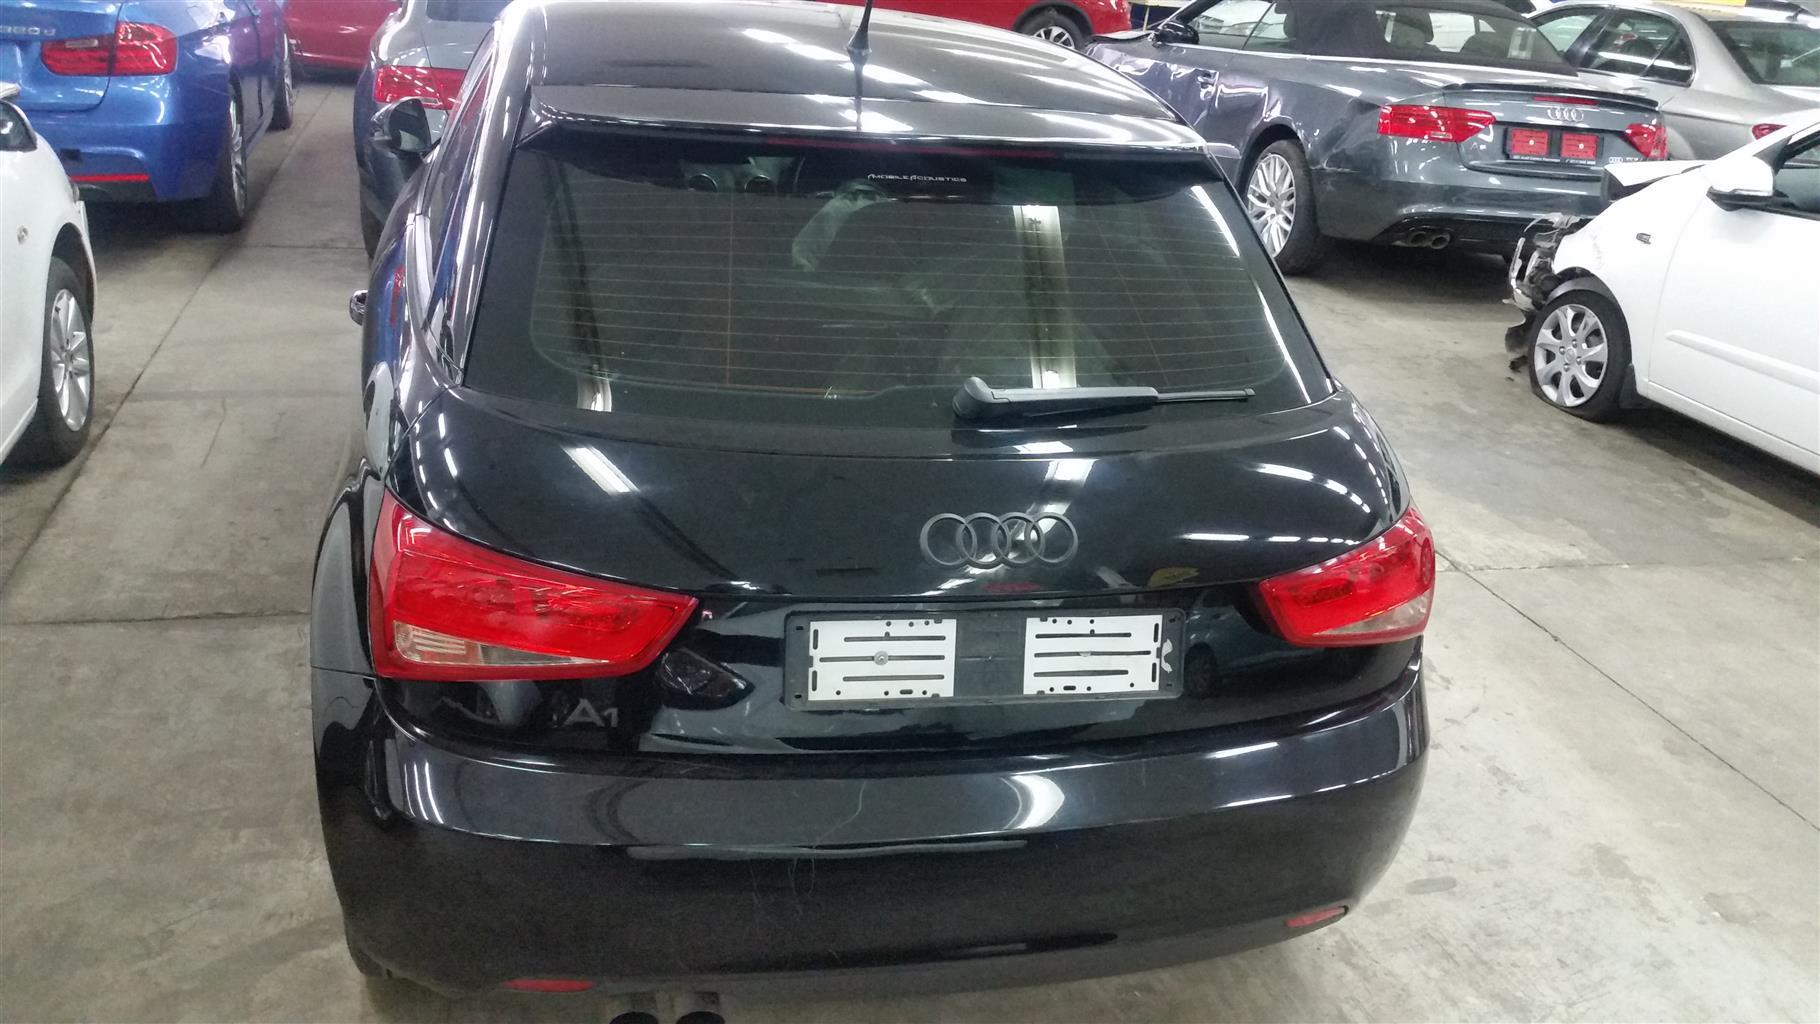 Audi A1 2011 1.4 TFSI A/T (REF C25447)